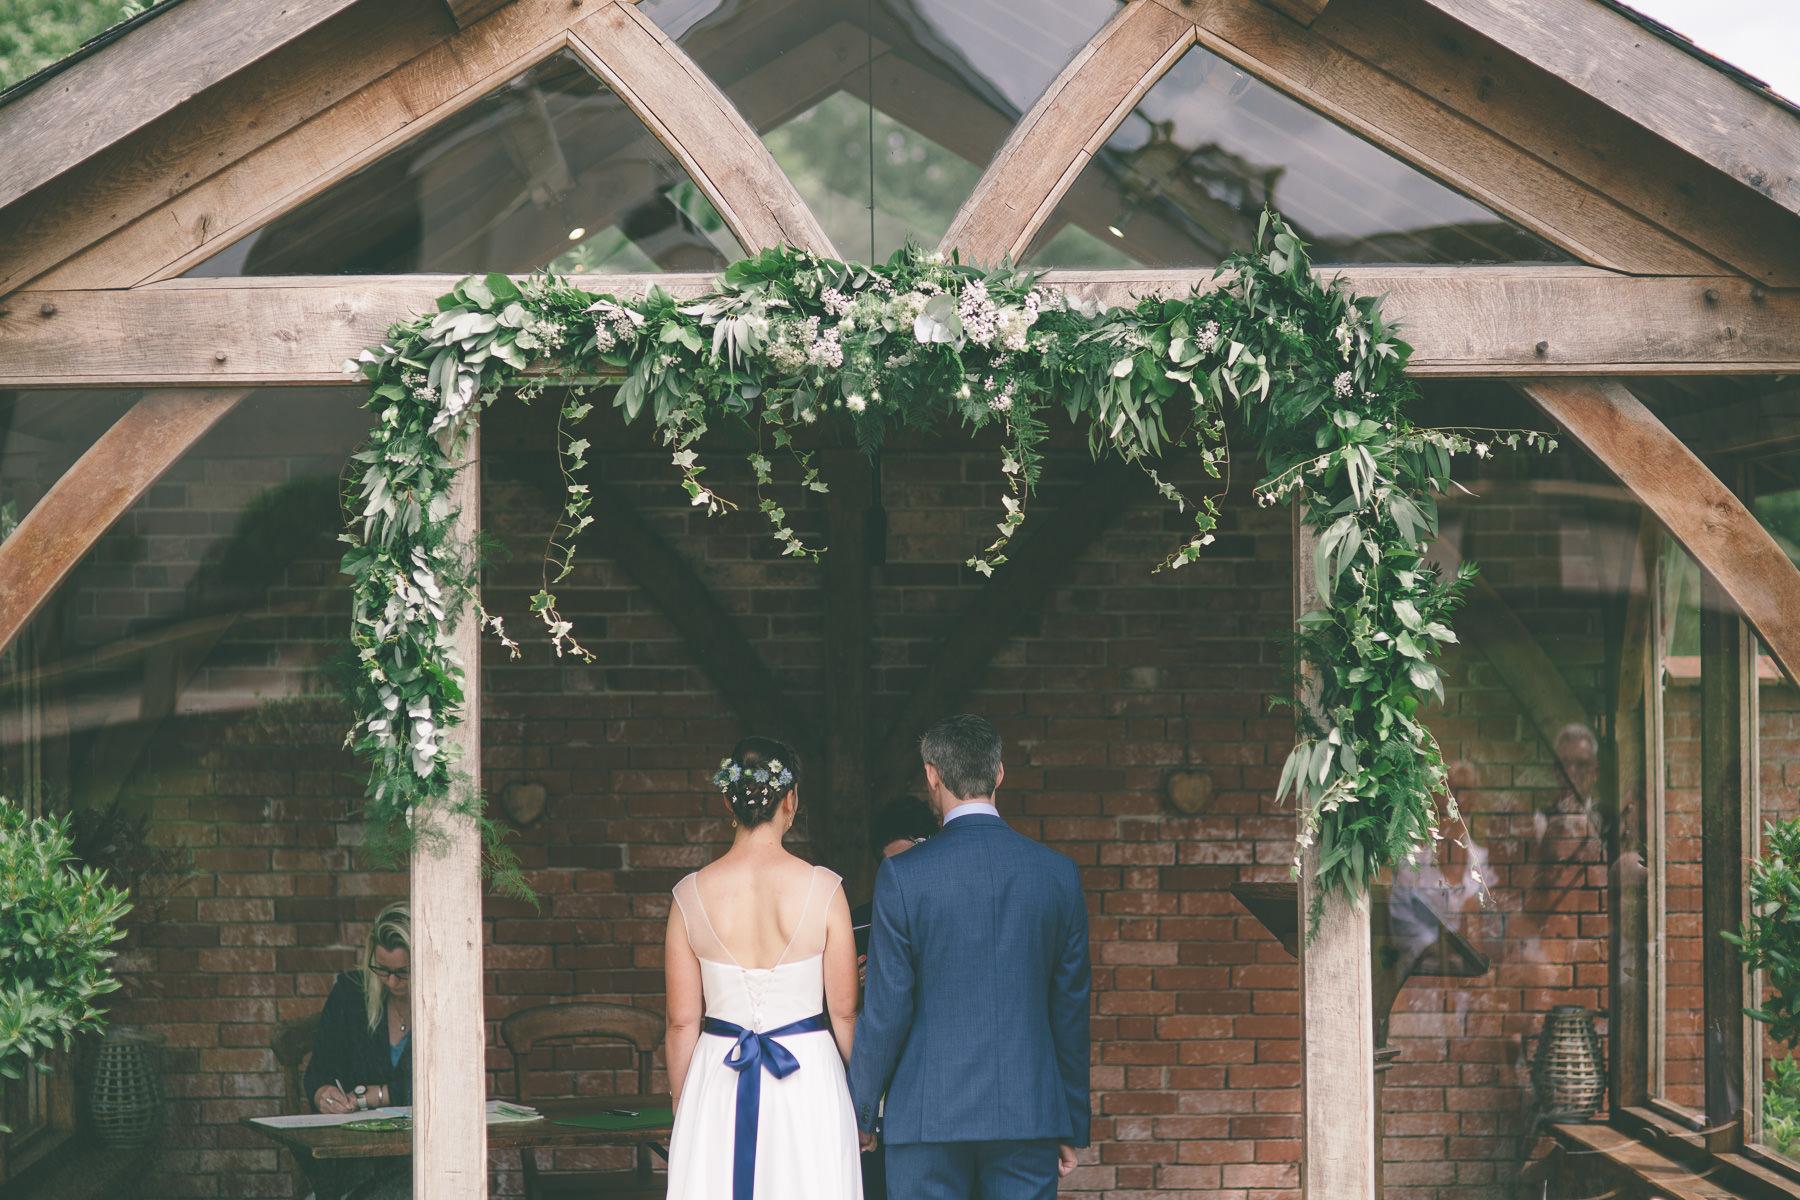 upton-barn-walled-garden-devon-wedding-photography-126